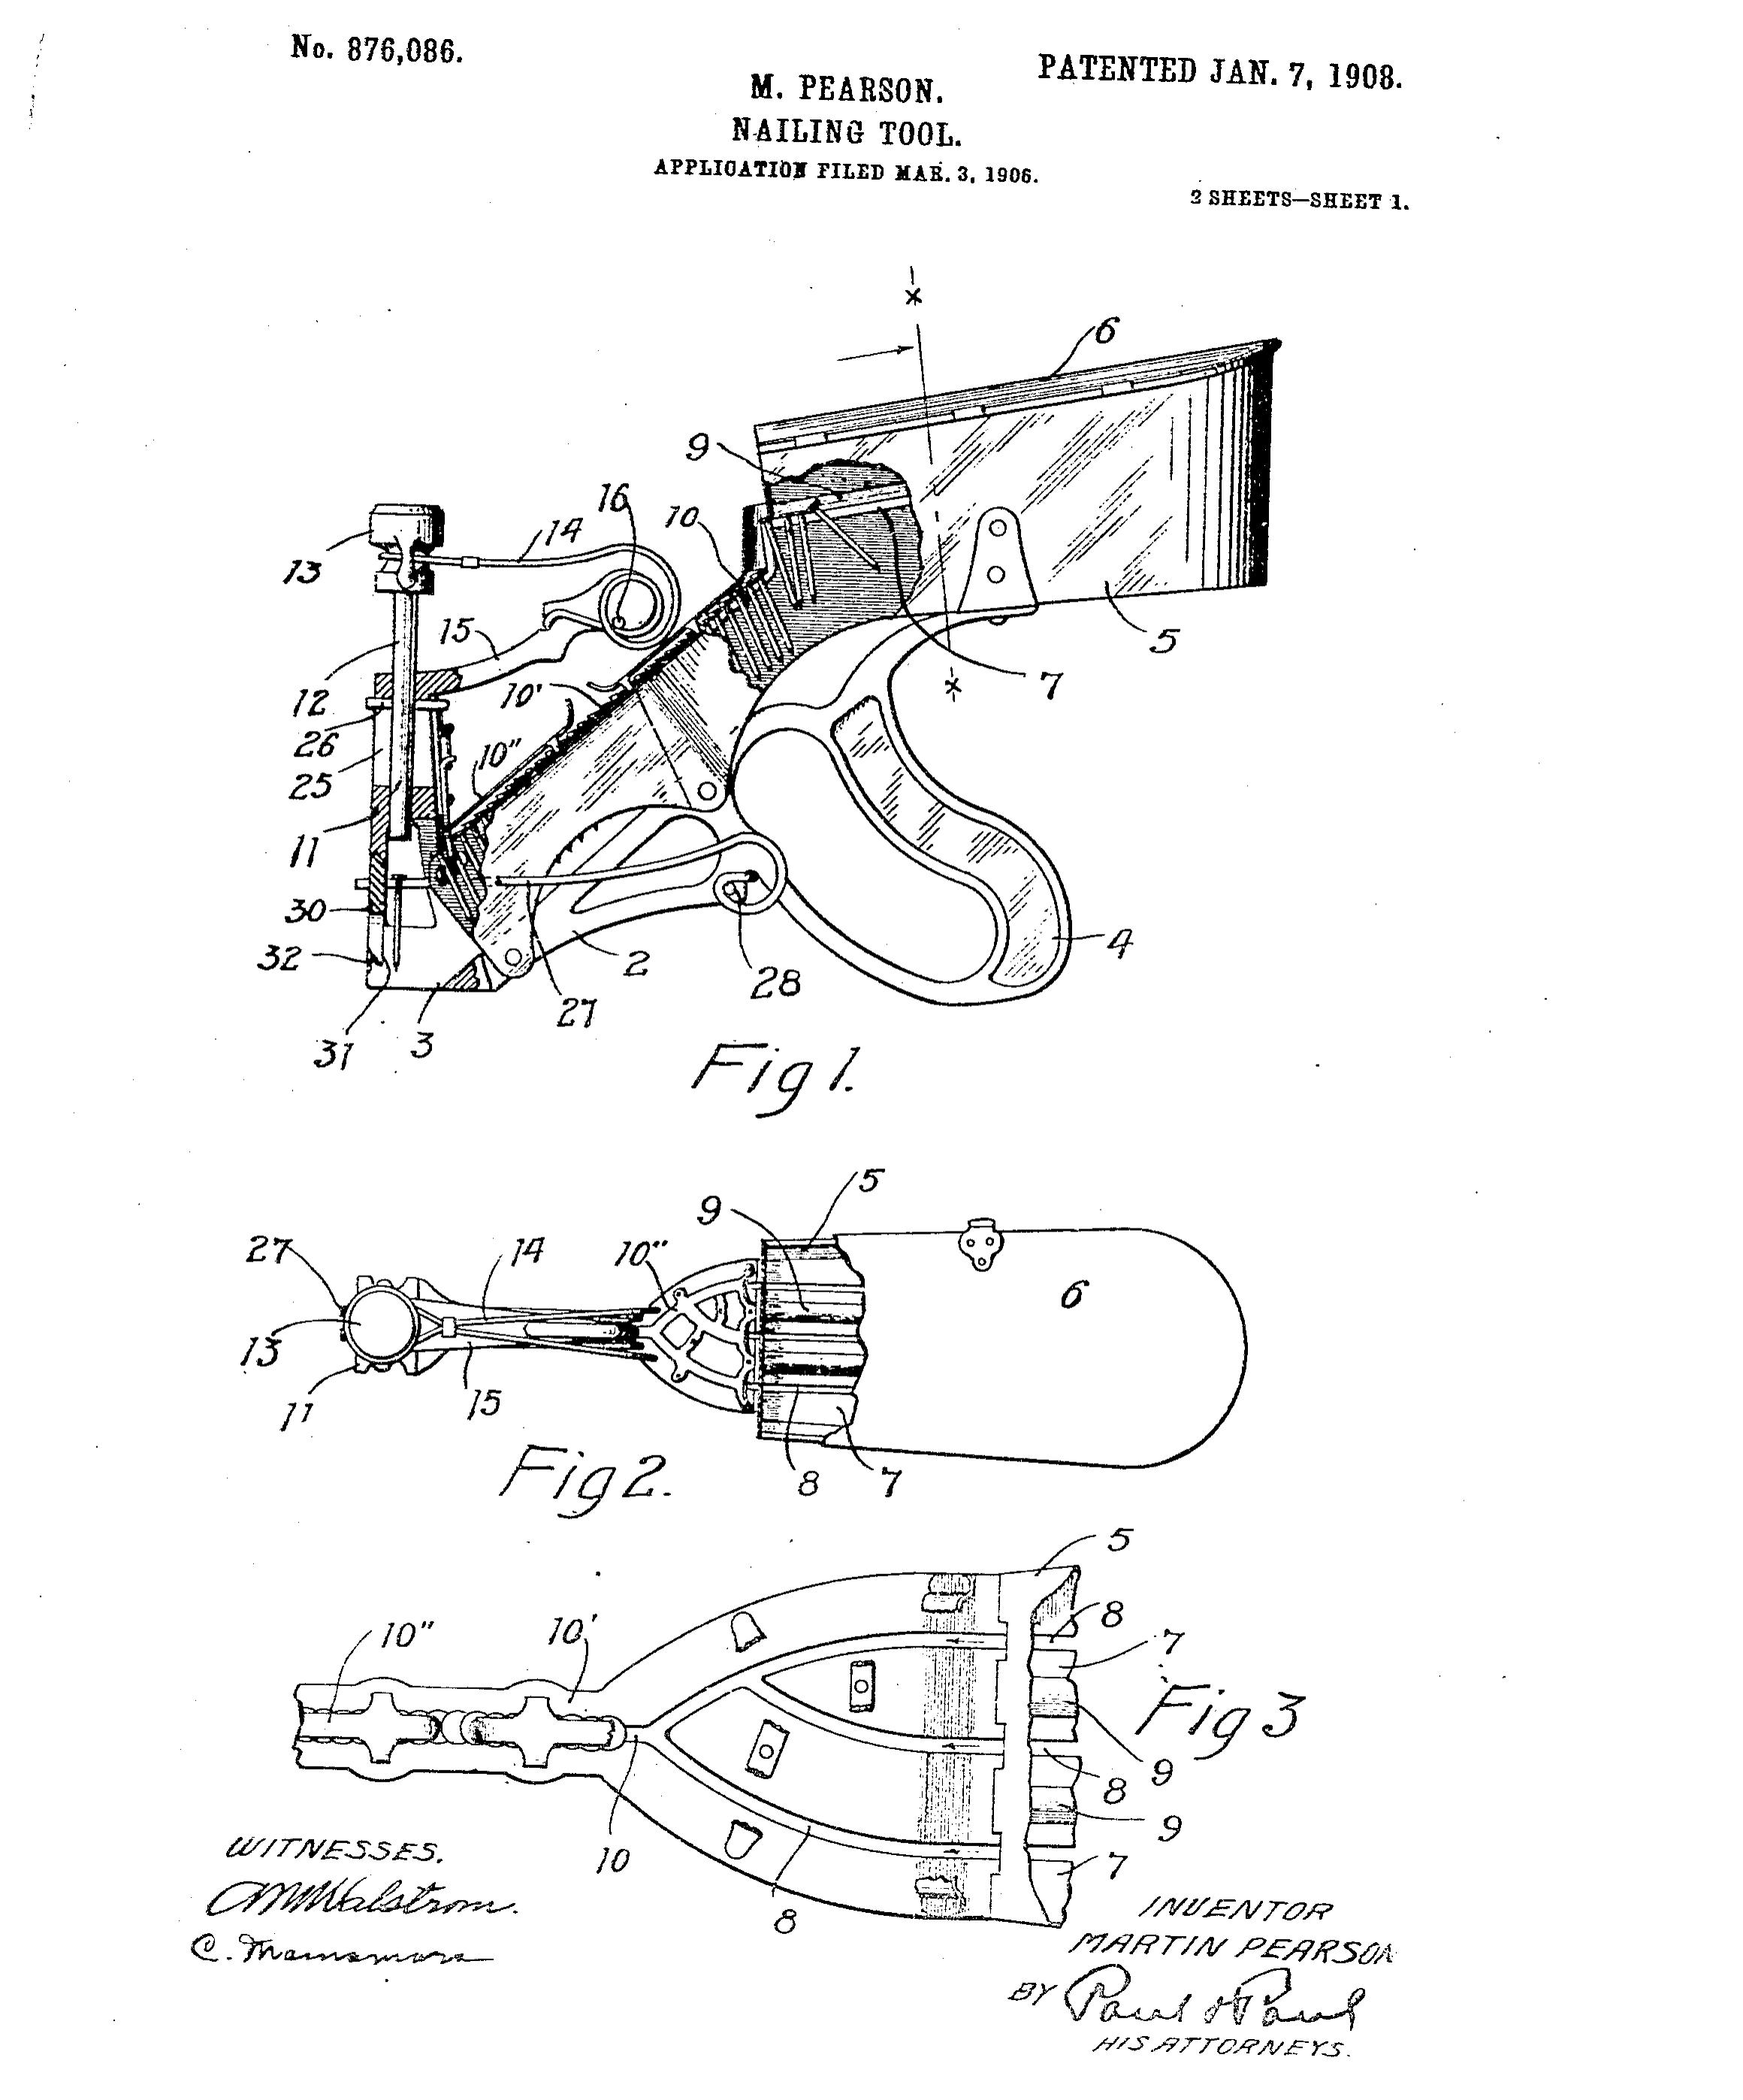 Pearson's Nailer Patent Image circa 1906